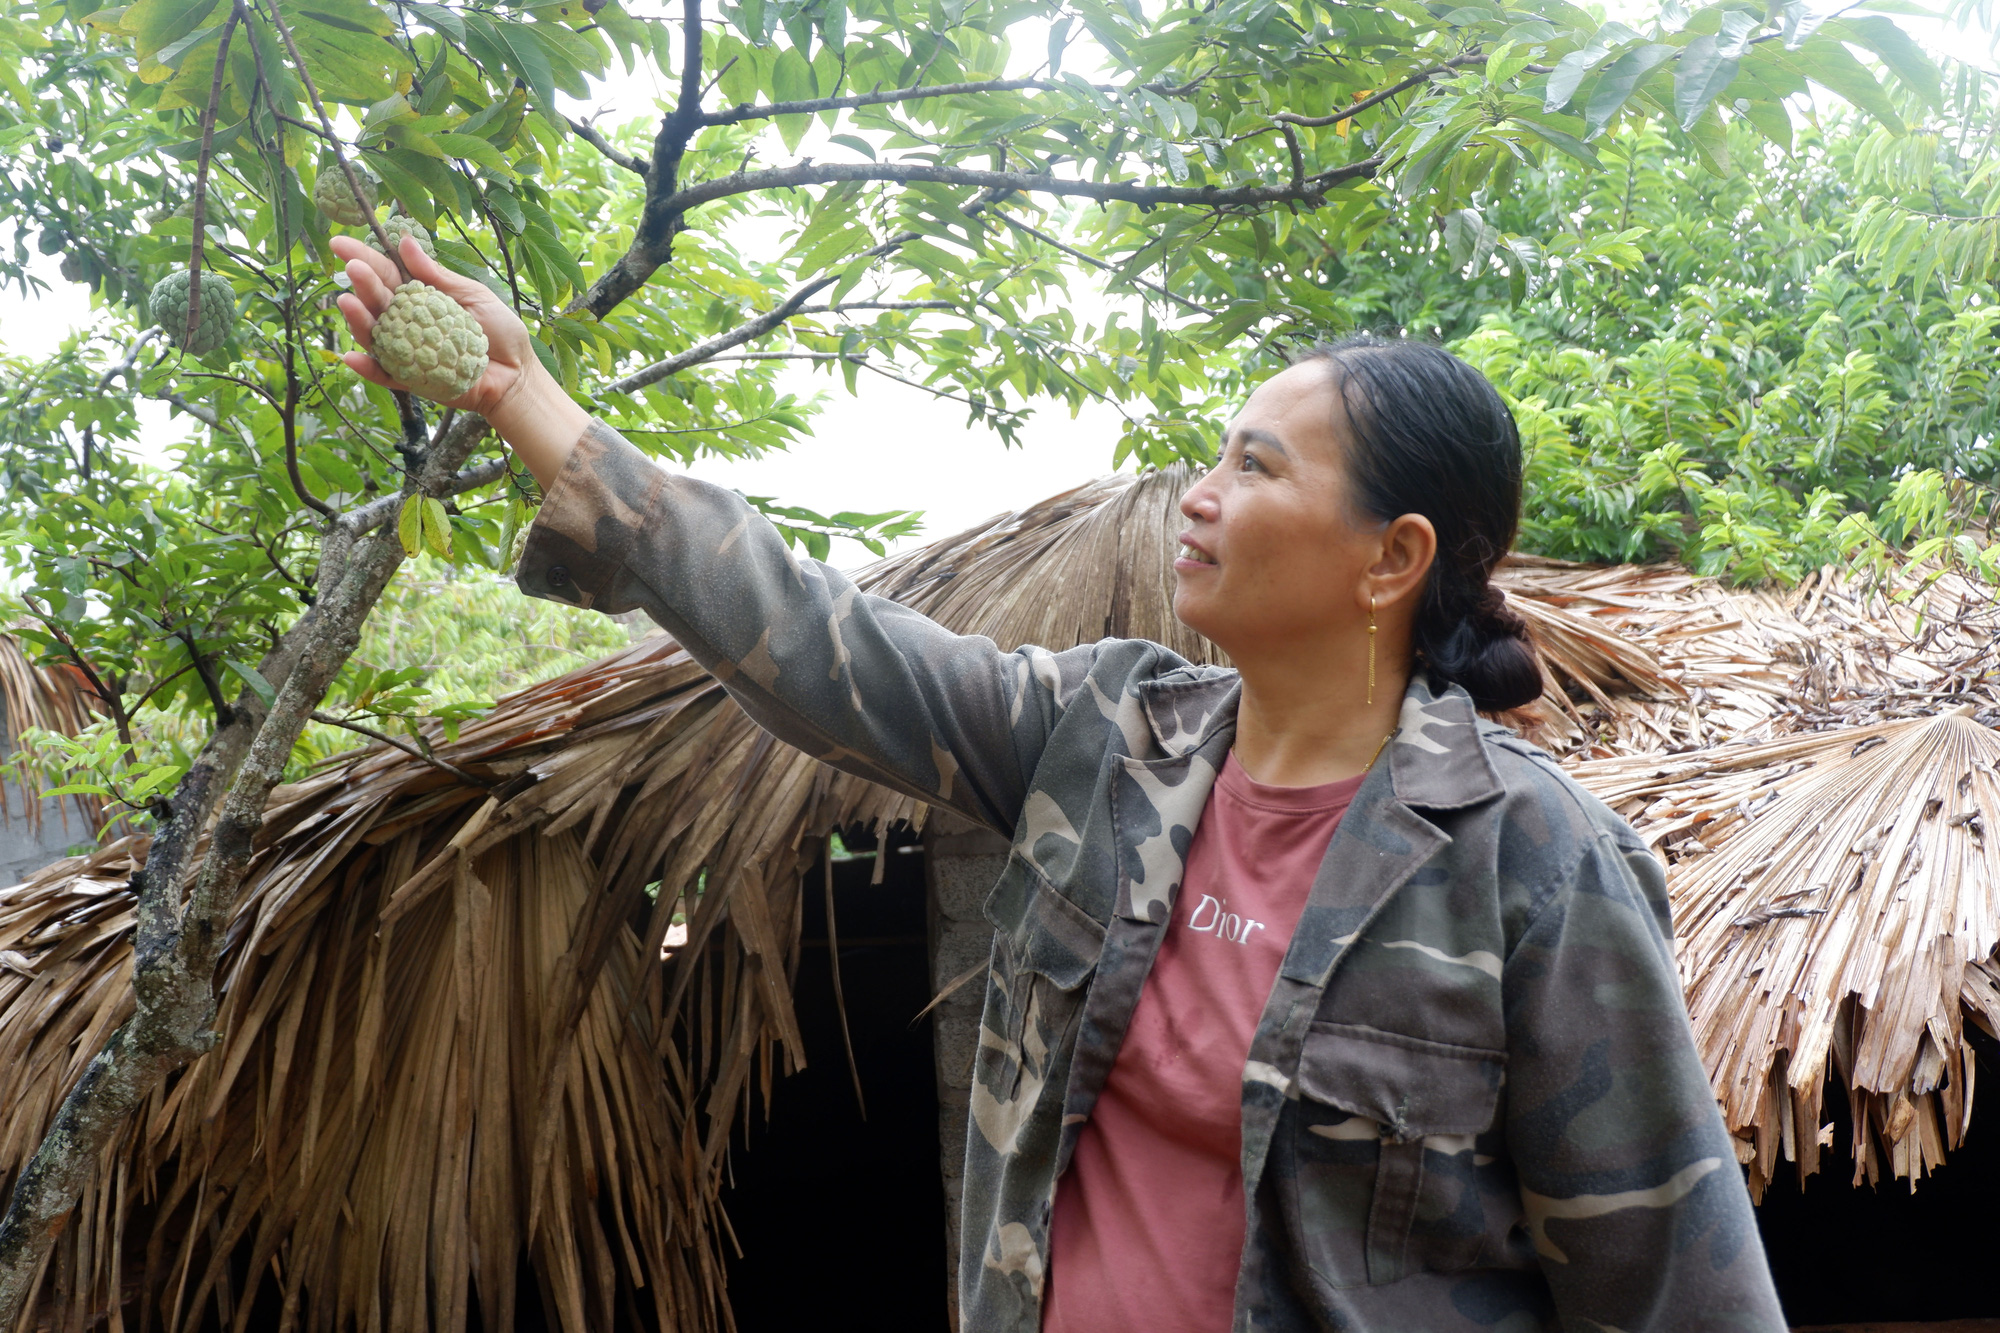 Hà Giang: Trên trồng thứ na đặc sản, dưới nuôi gà chạy bộ đầy vườn, dân ở đây thu hàng trăm triệu/năm không hiếm - Ảnh 1.